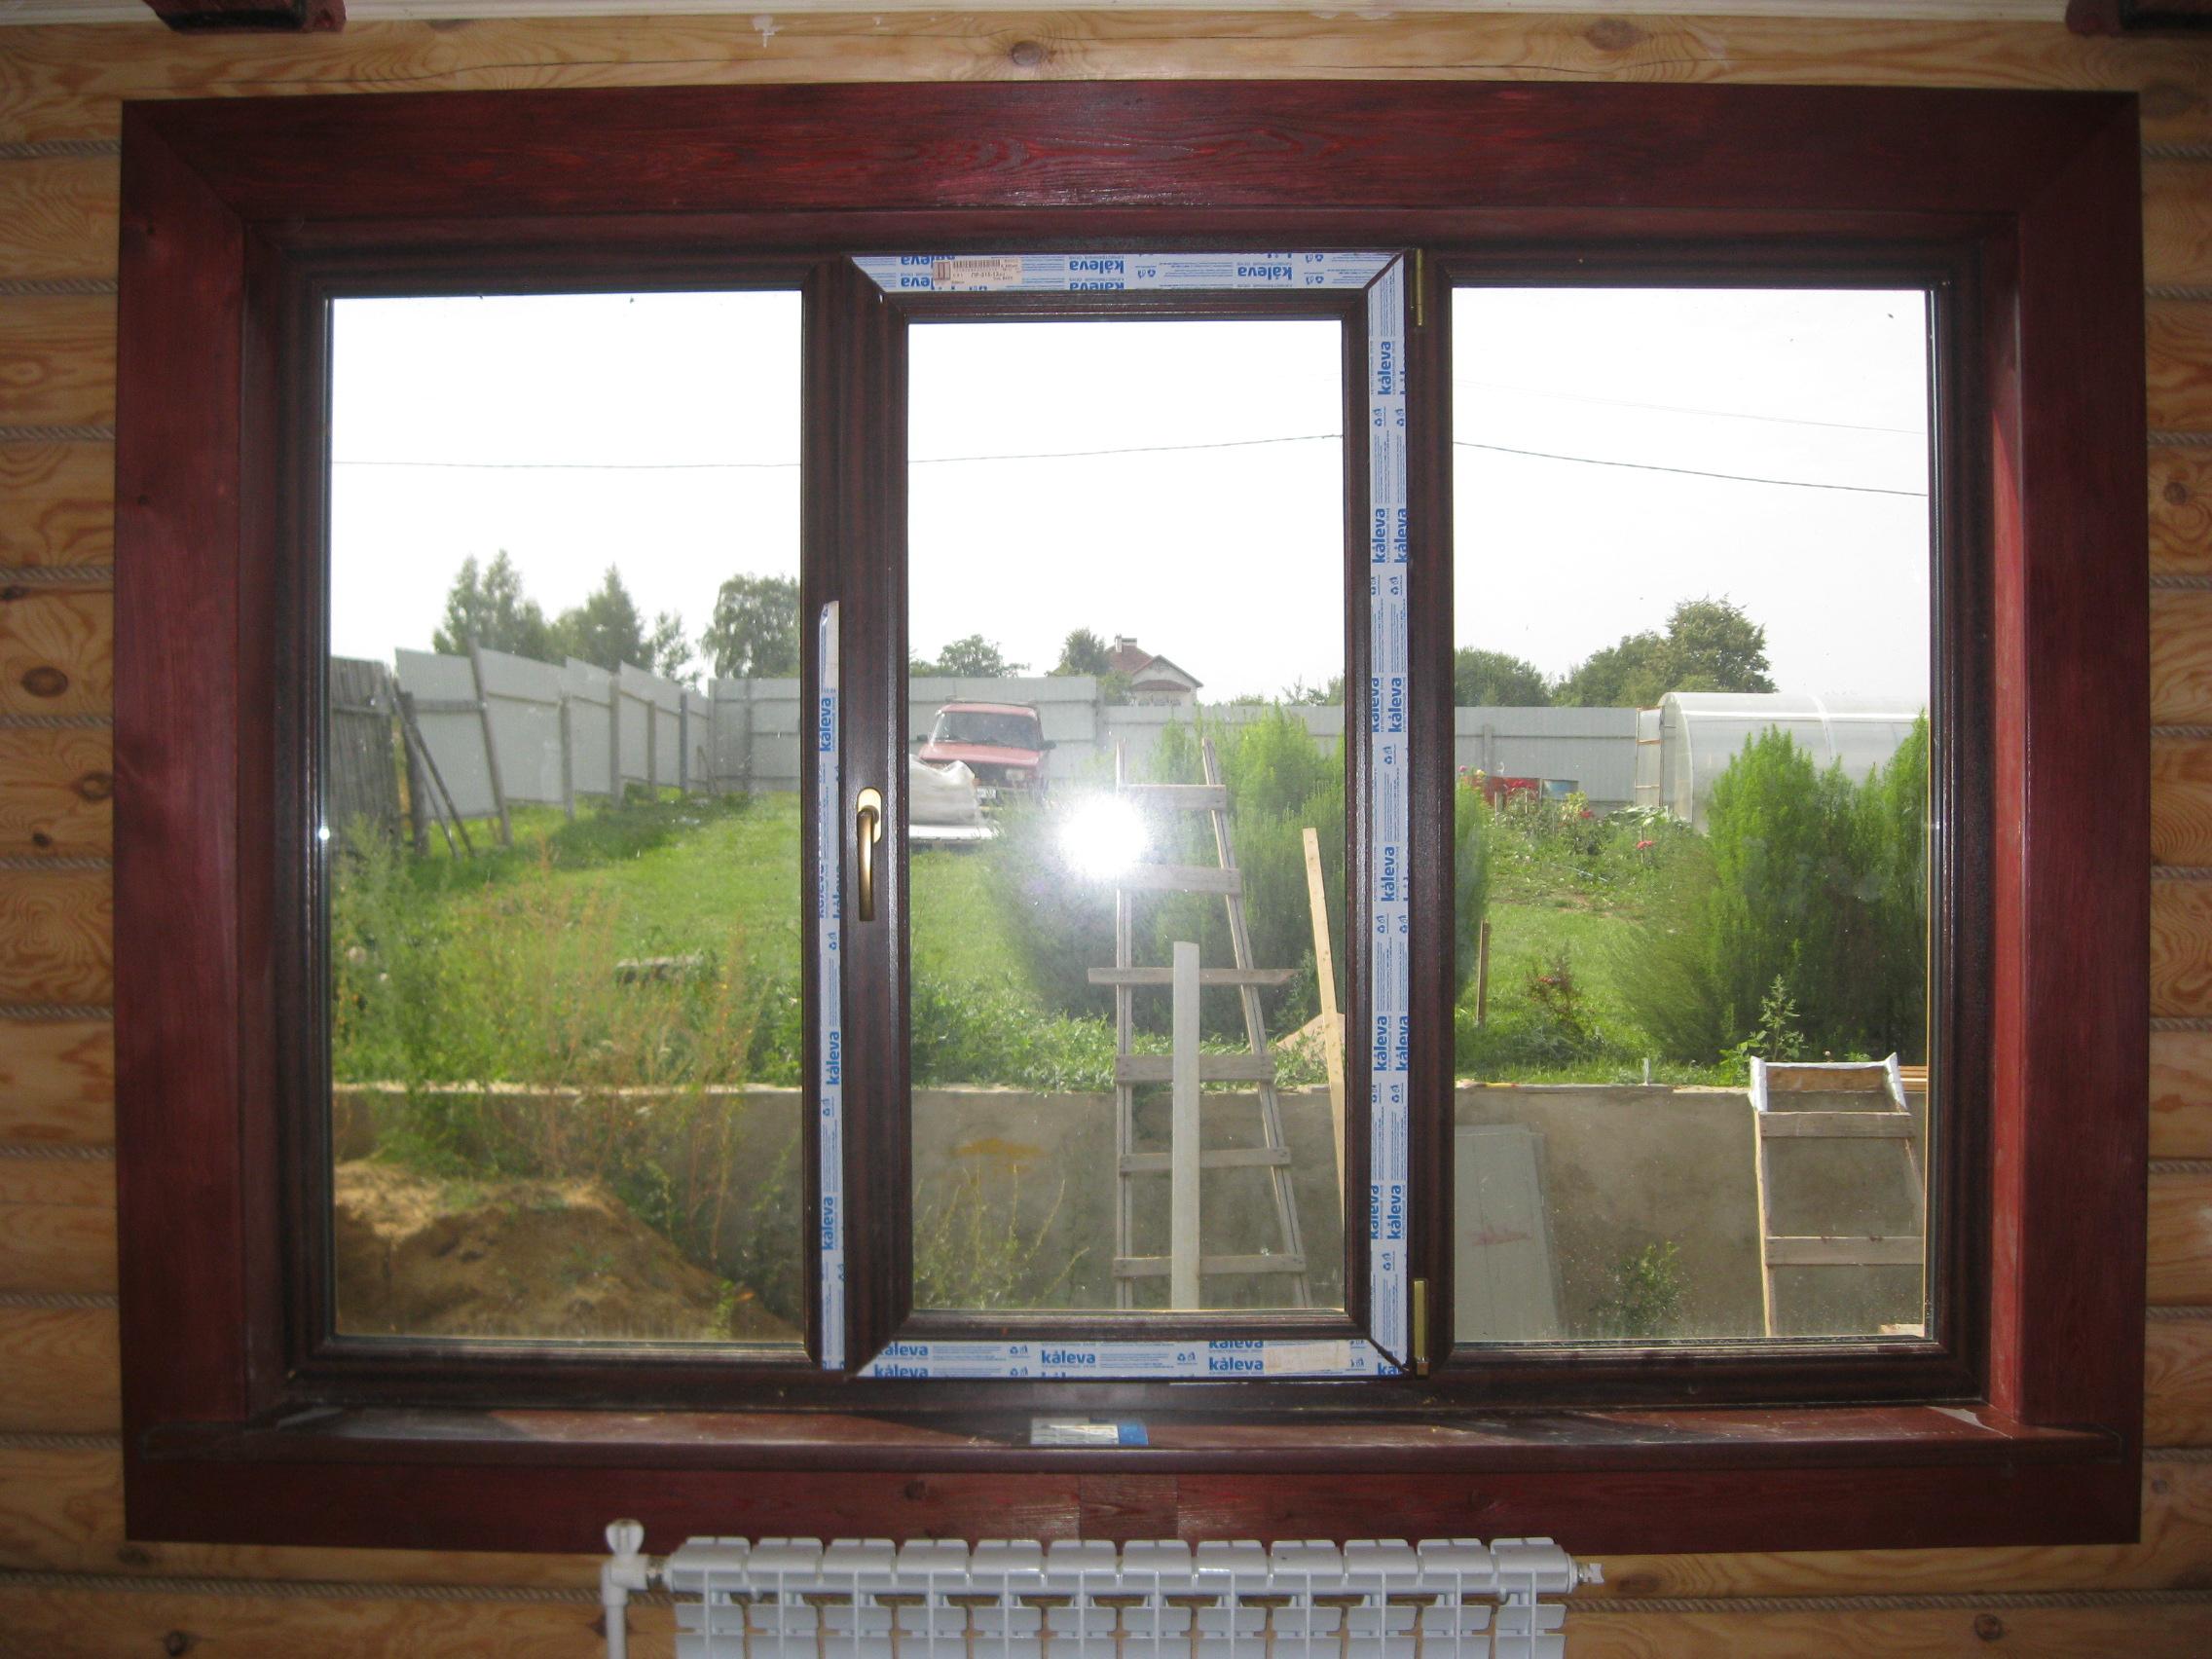 Установка дверей во Владмире и области. Оконные откосы из крашенной лиственницы.